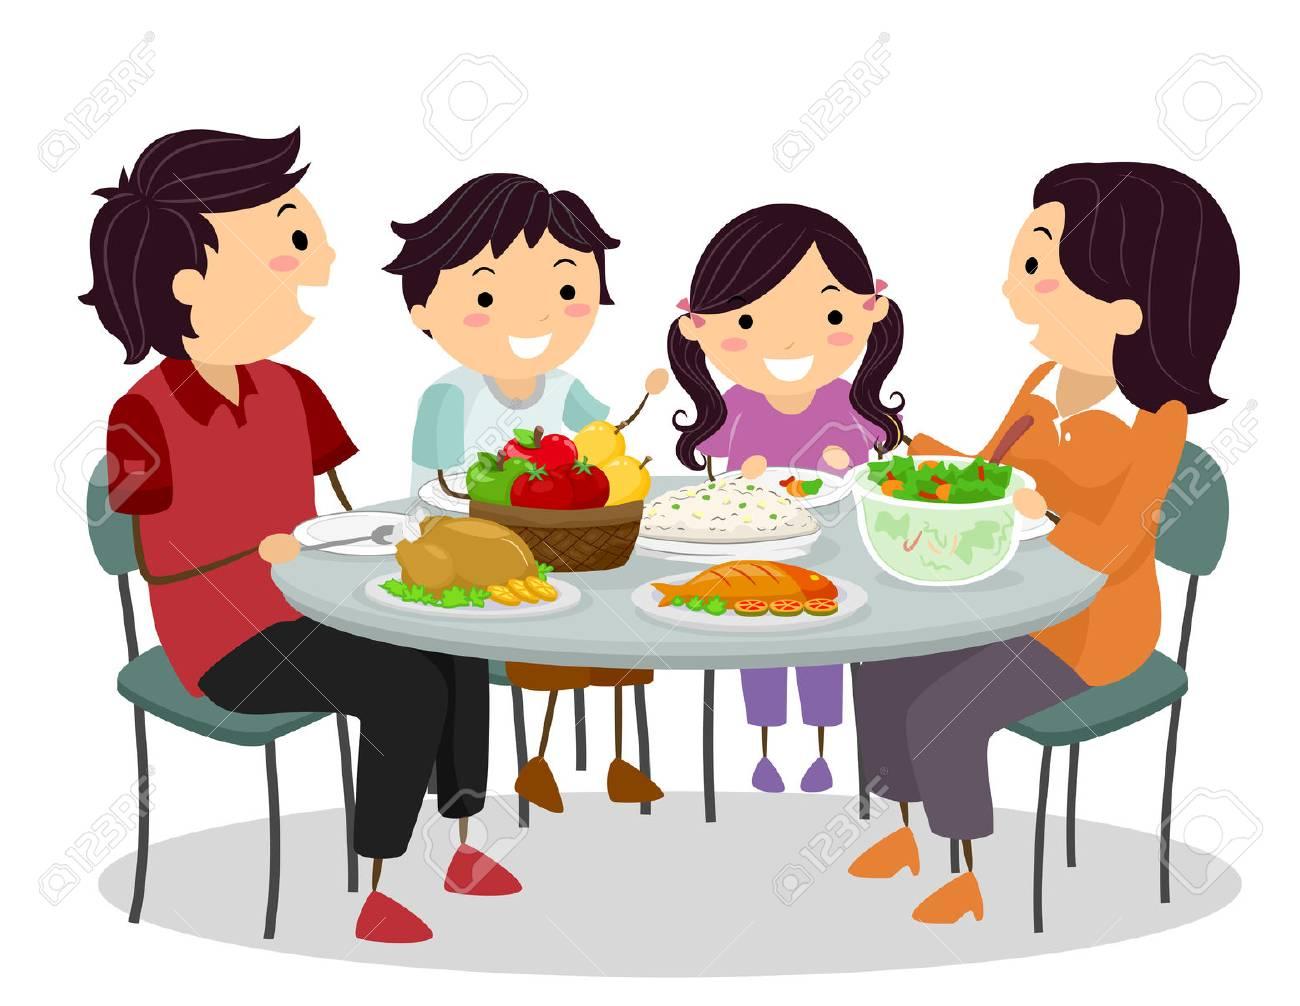 家族の食事を共有しながら楽しくおしゃべりのバッター イラスト の写真